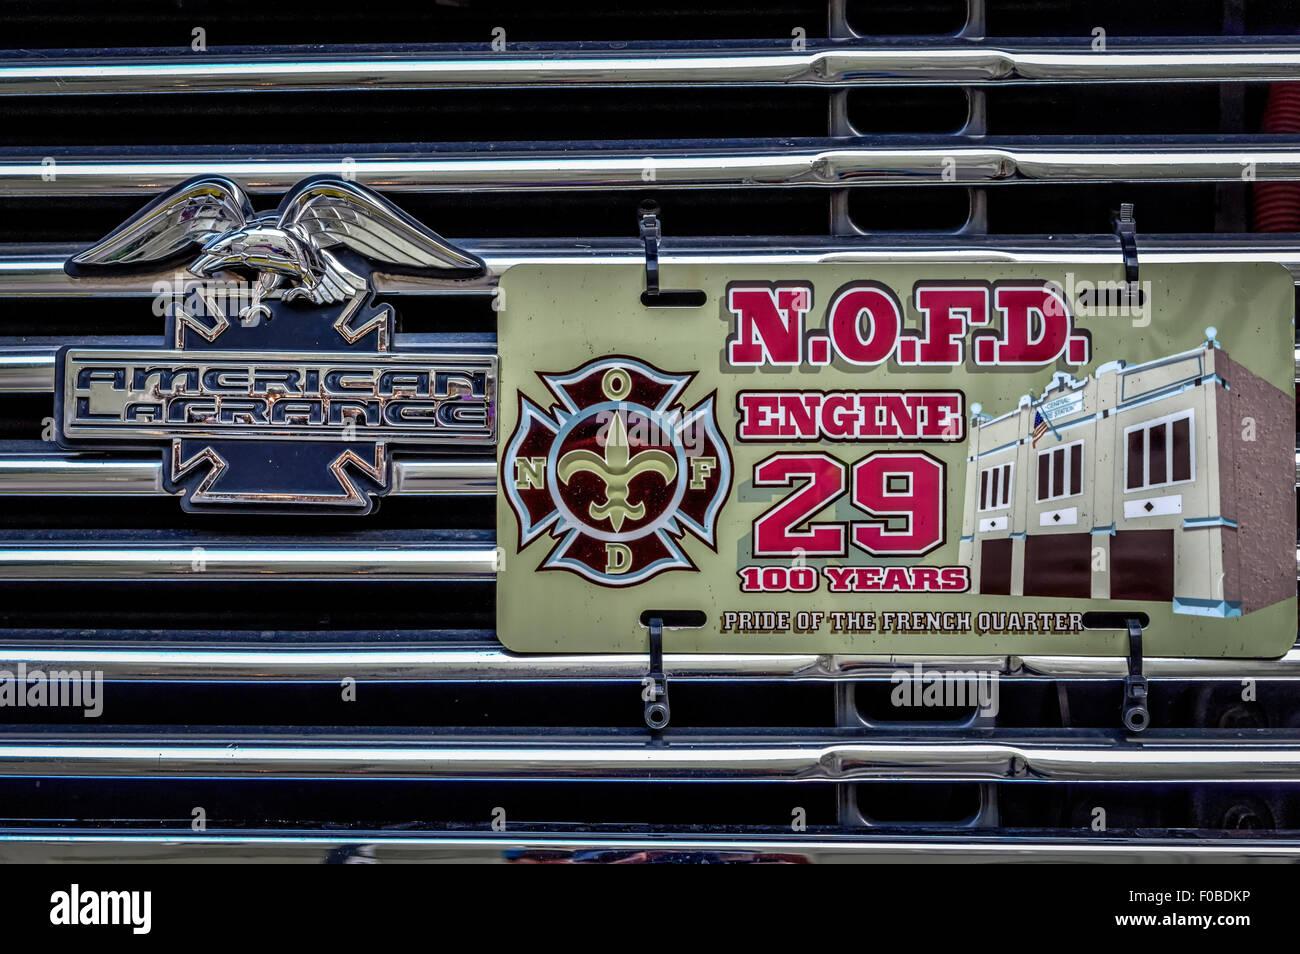 Vintage Fire Truck General Emblems or Gauge Emblems